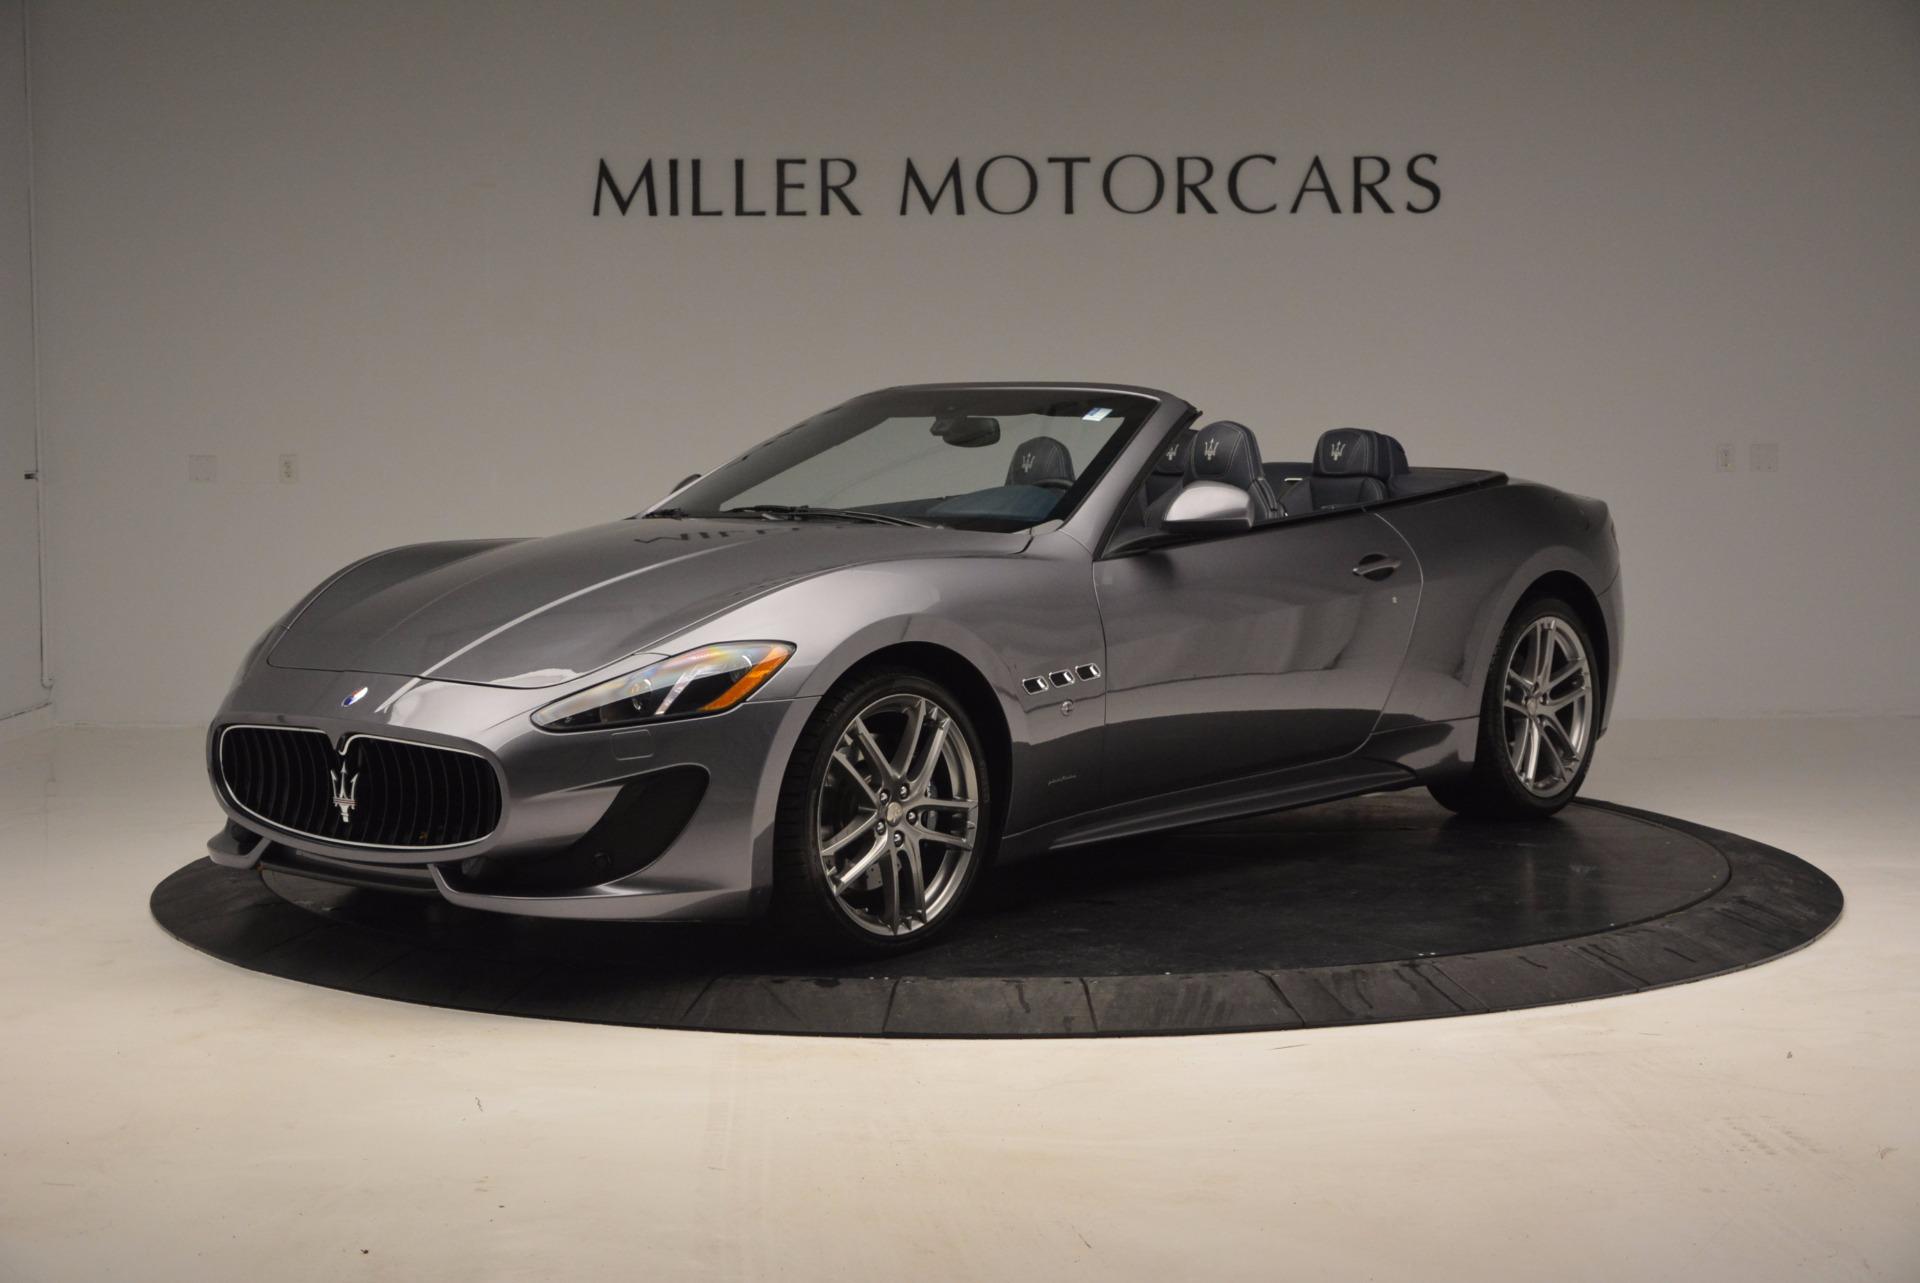 New 2017 Maserati GranTurismo Sport for sale Sold at Pagani of Greenwich in Greenwich CT 06830 1